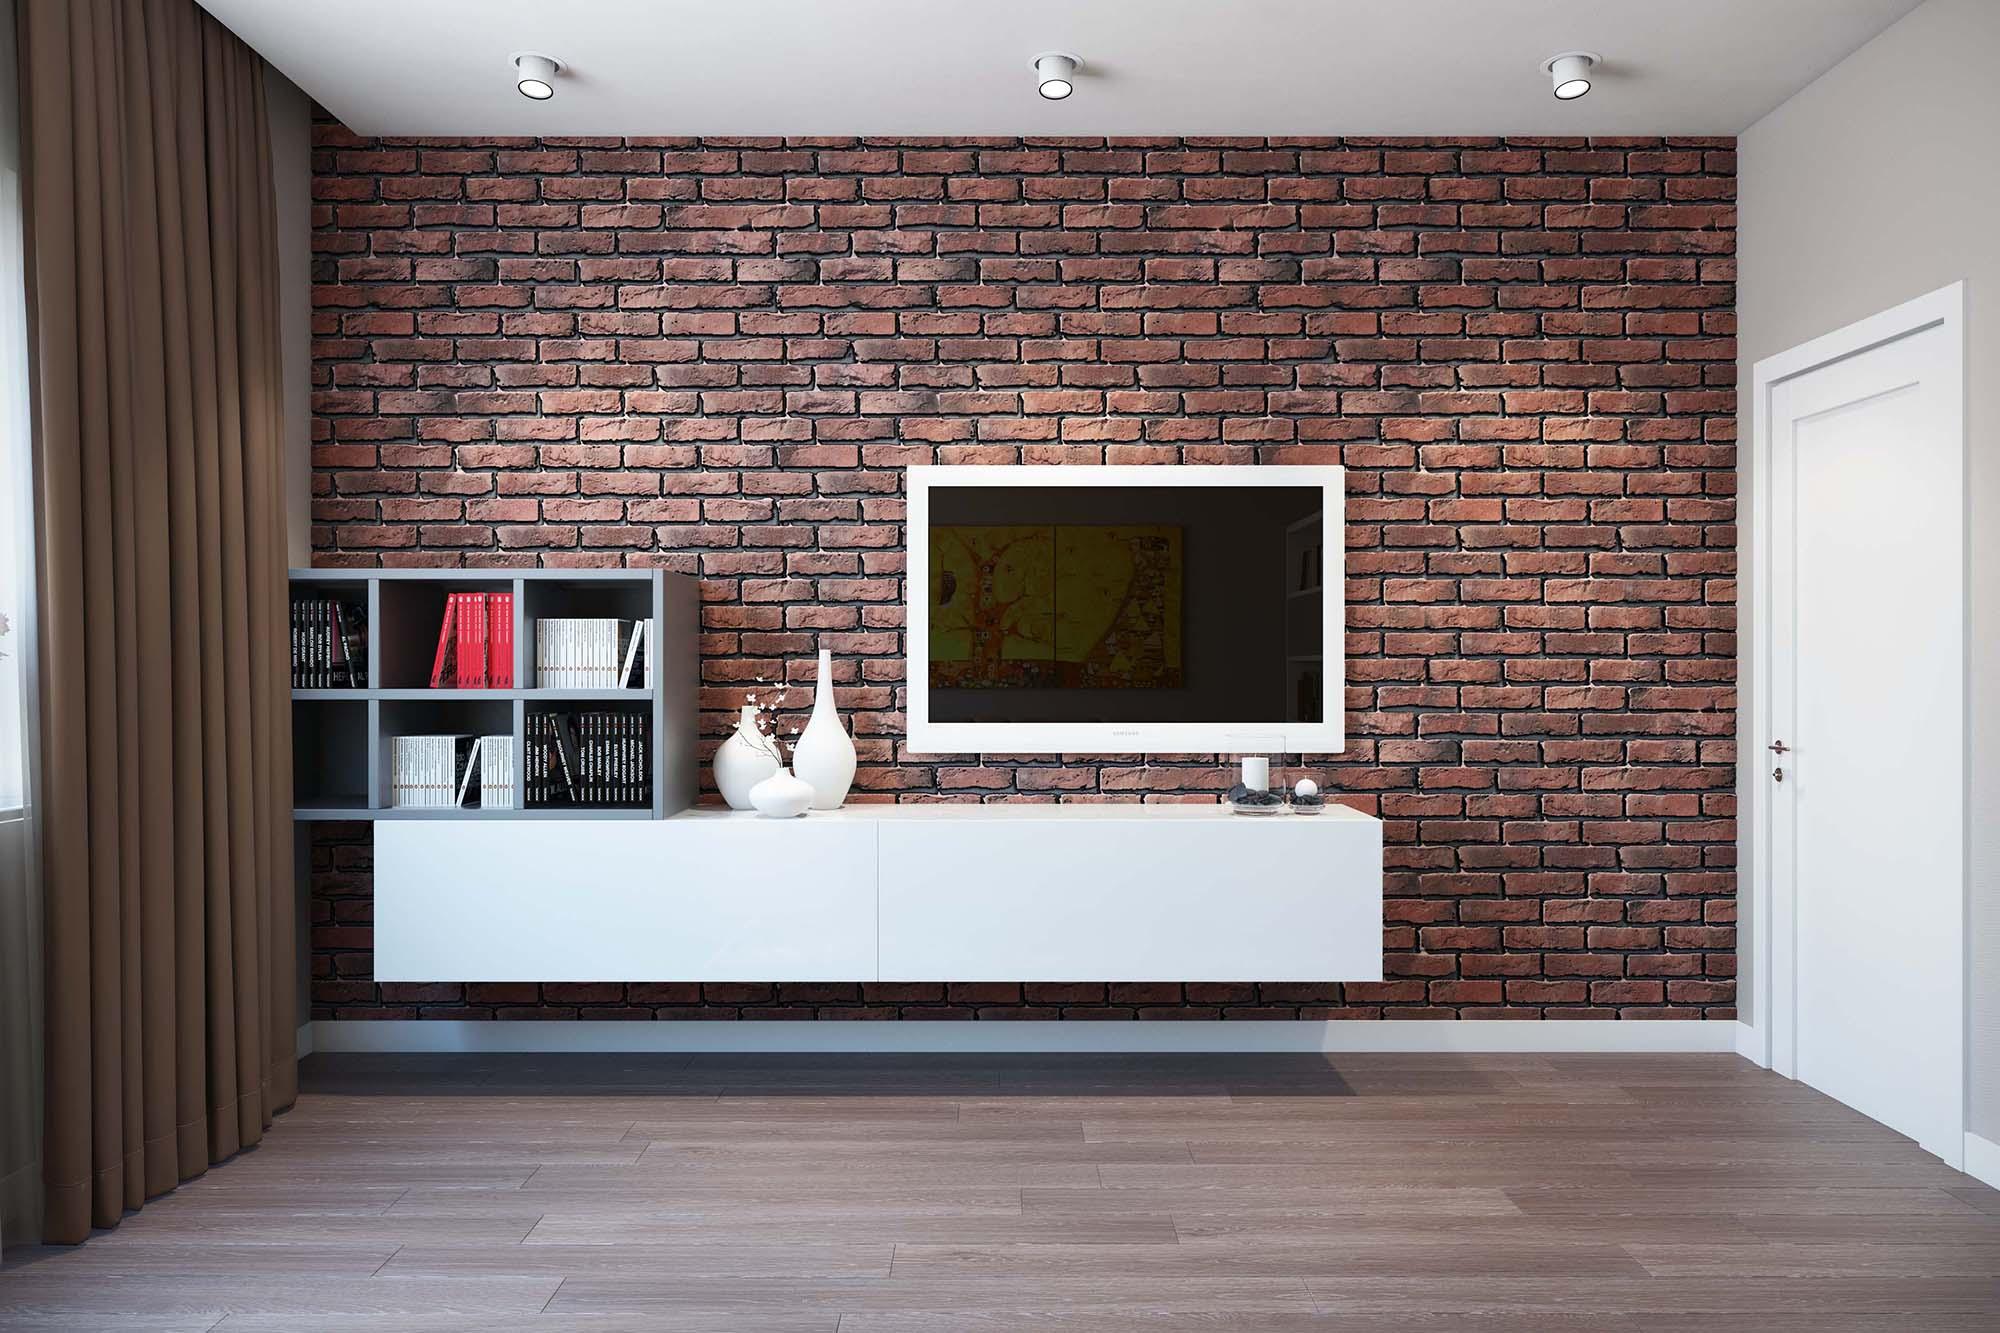 Кирпичная стена в интерьере (56 фото): красивые сочетания в оформлении дизайна